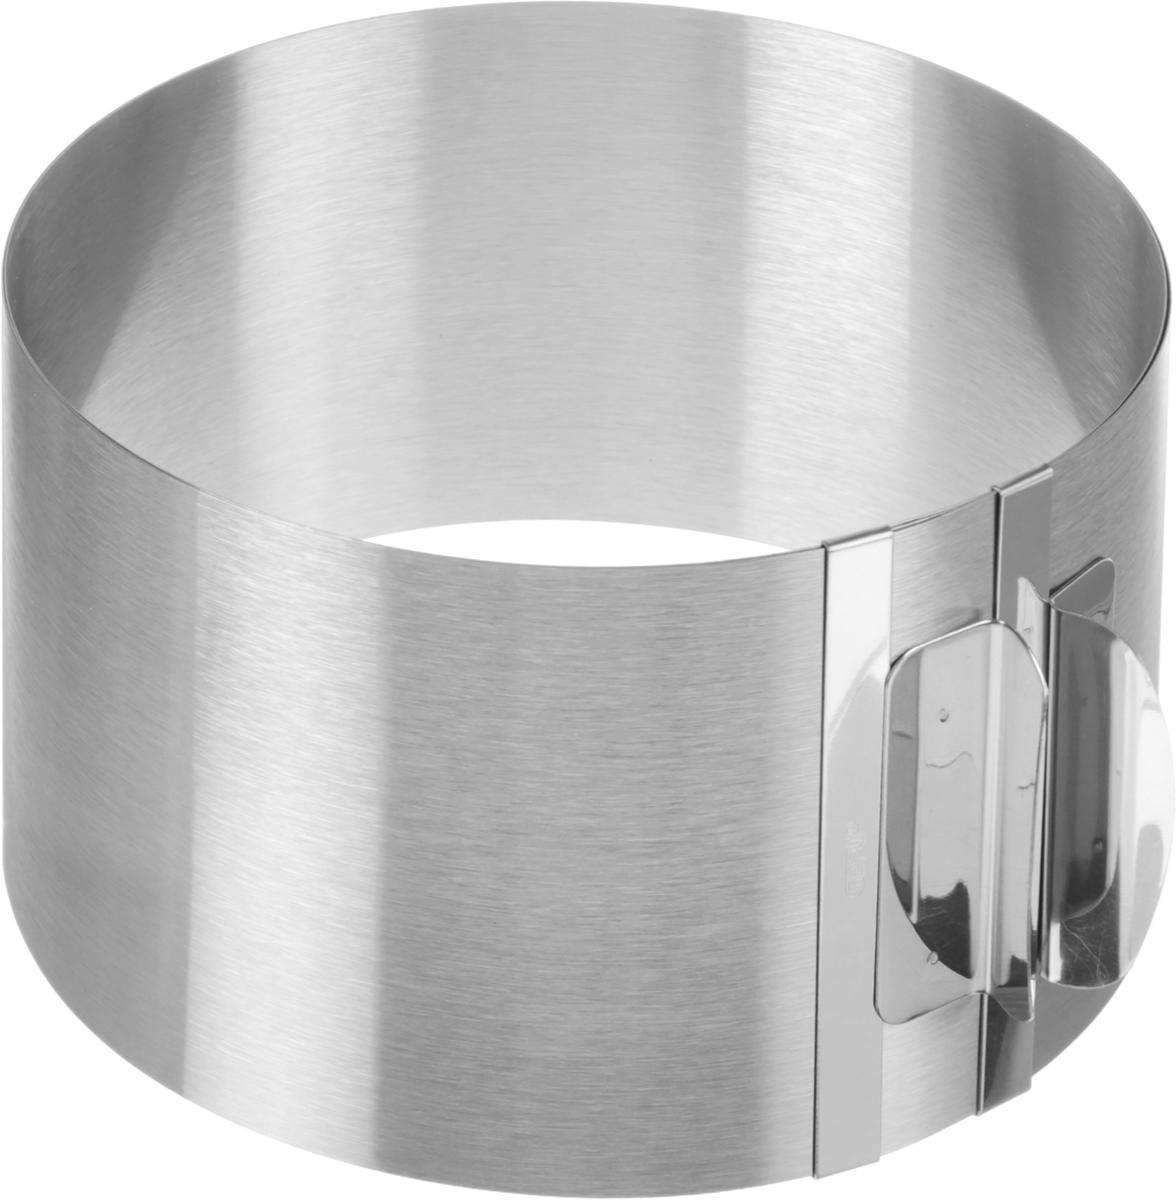 Кольцо для выпечки Tondo XXL14304Кольцо для выпечки Gefu Tondo XXL изготовлено из нержавеющей стали. Конструкция кольца такова, что позволяет регулировать диаметр от 16,5 см до 32 см. Для облегчения процесса чистки полностью выпрямляется. Можно мыть в посудомоечной машине. Характеристики: Материал: сталь. Диаметр: 16,5 см - 32 см. Высота: 10 см. Размер упаковки: 17,8 см х 16,8 см х 10,5 см. Производитель: Германия. Артикул: 14304.